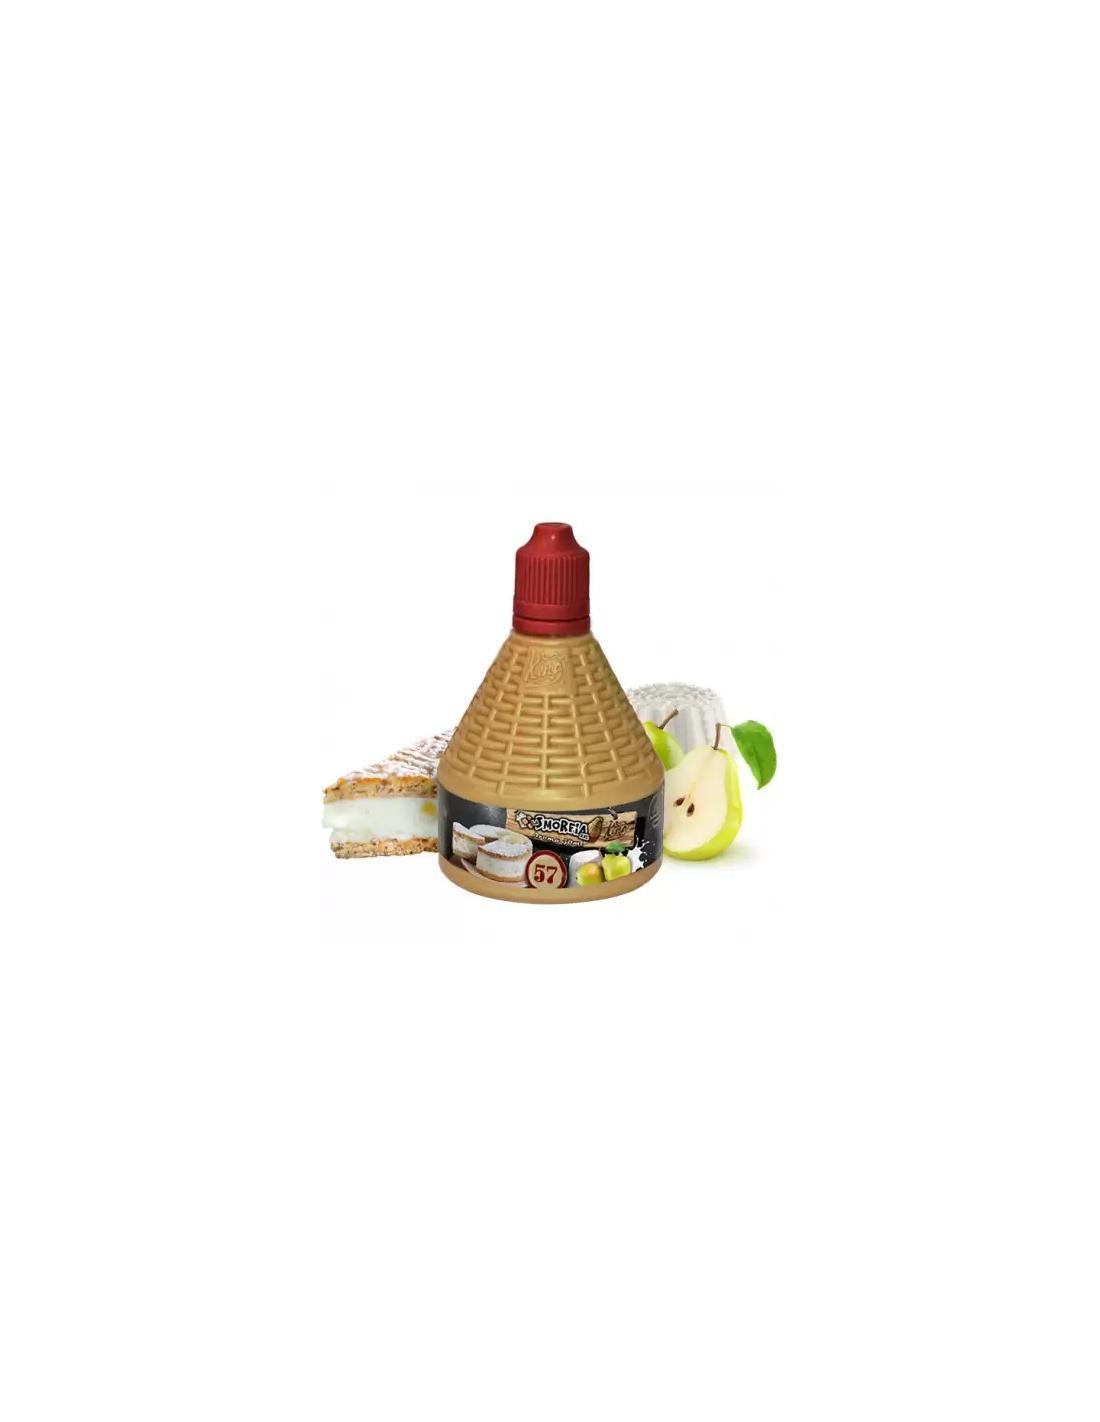 King Liquid La Smorfia Xxl N.57 Liquido Da 30ml Aroma Ricotta E Pere